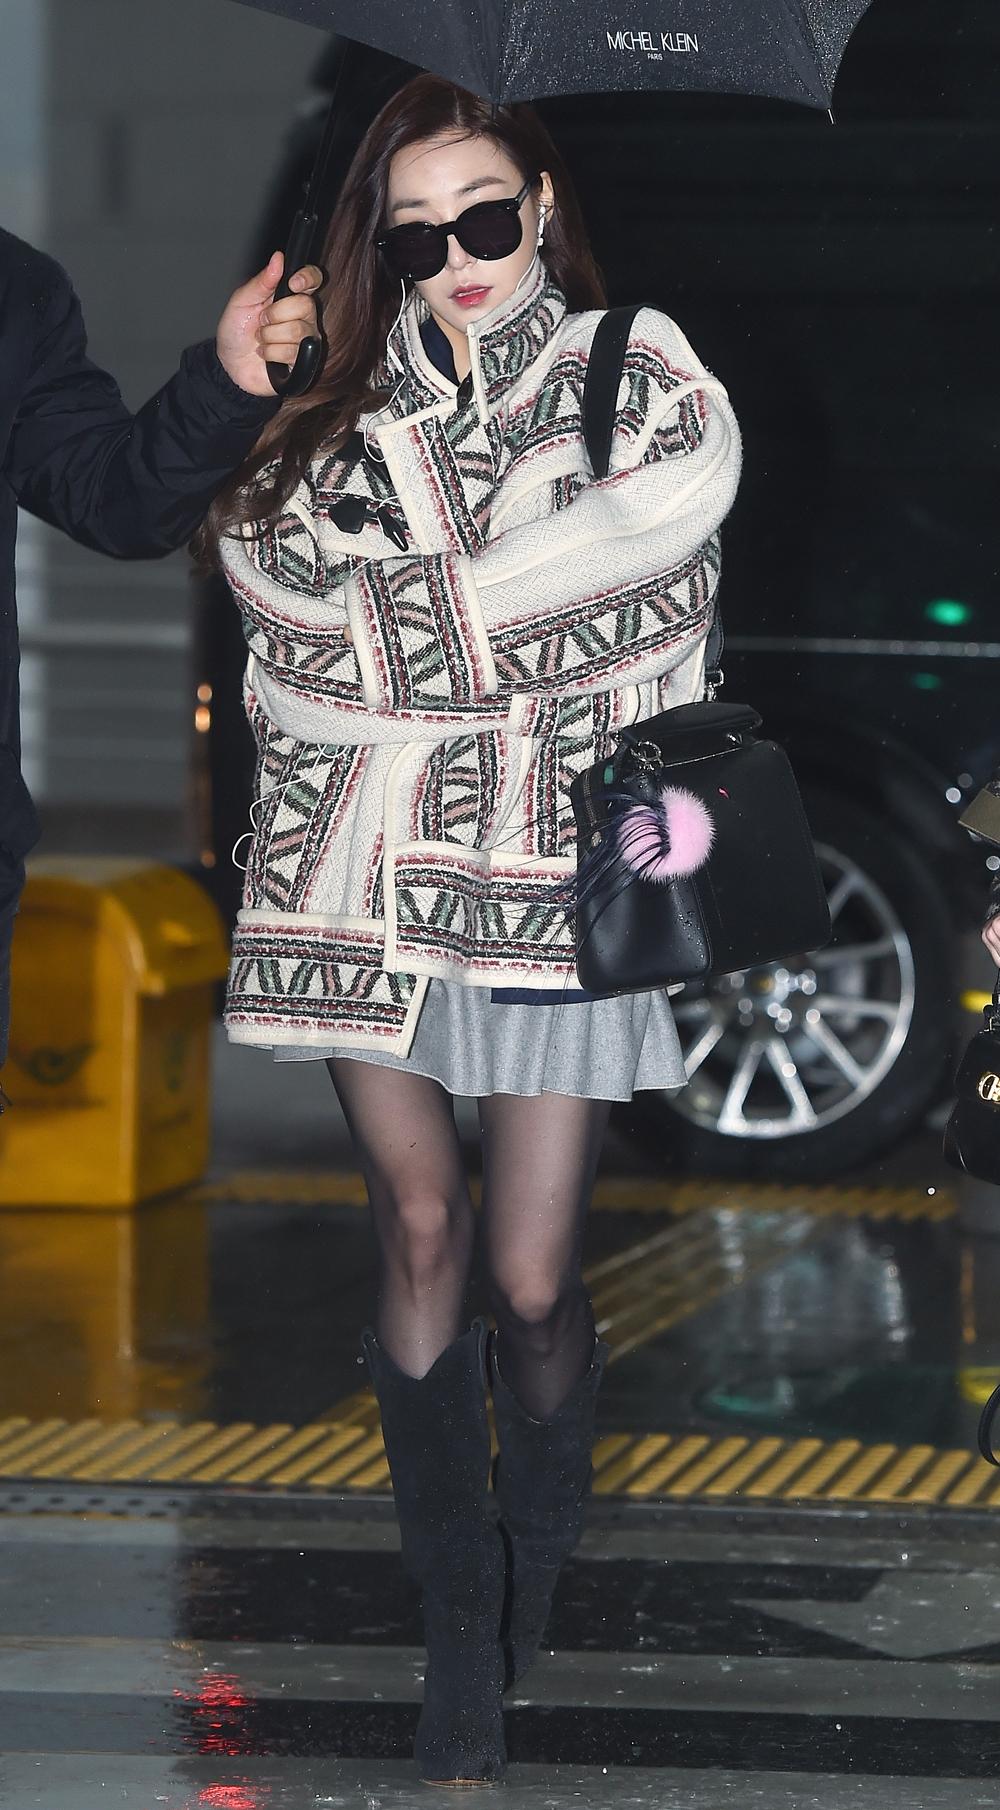 新一季女星鍾愛百搭單品!不認識Jessica揹的這款FENDI DOTCOM包別說你懂時尚